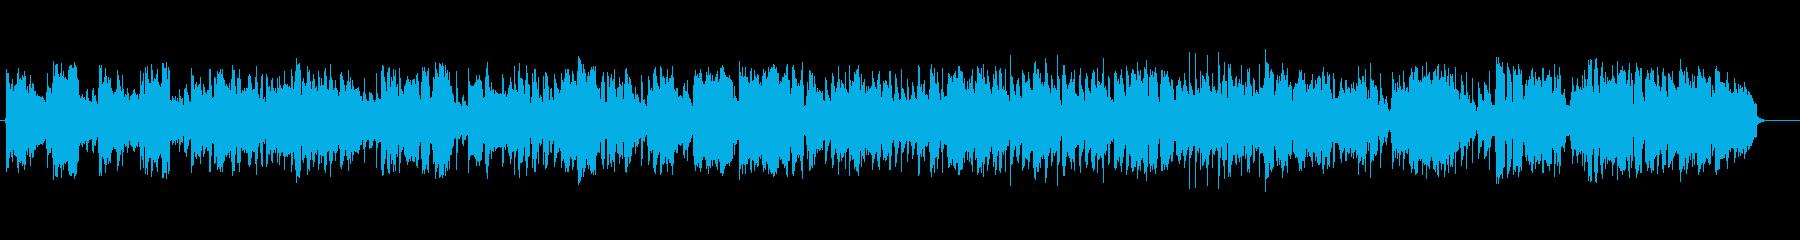 哀愁感のあるジャズバラード・ムーディーの再生済みの波形